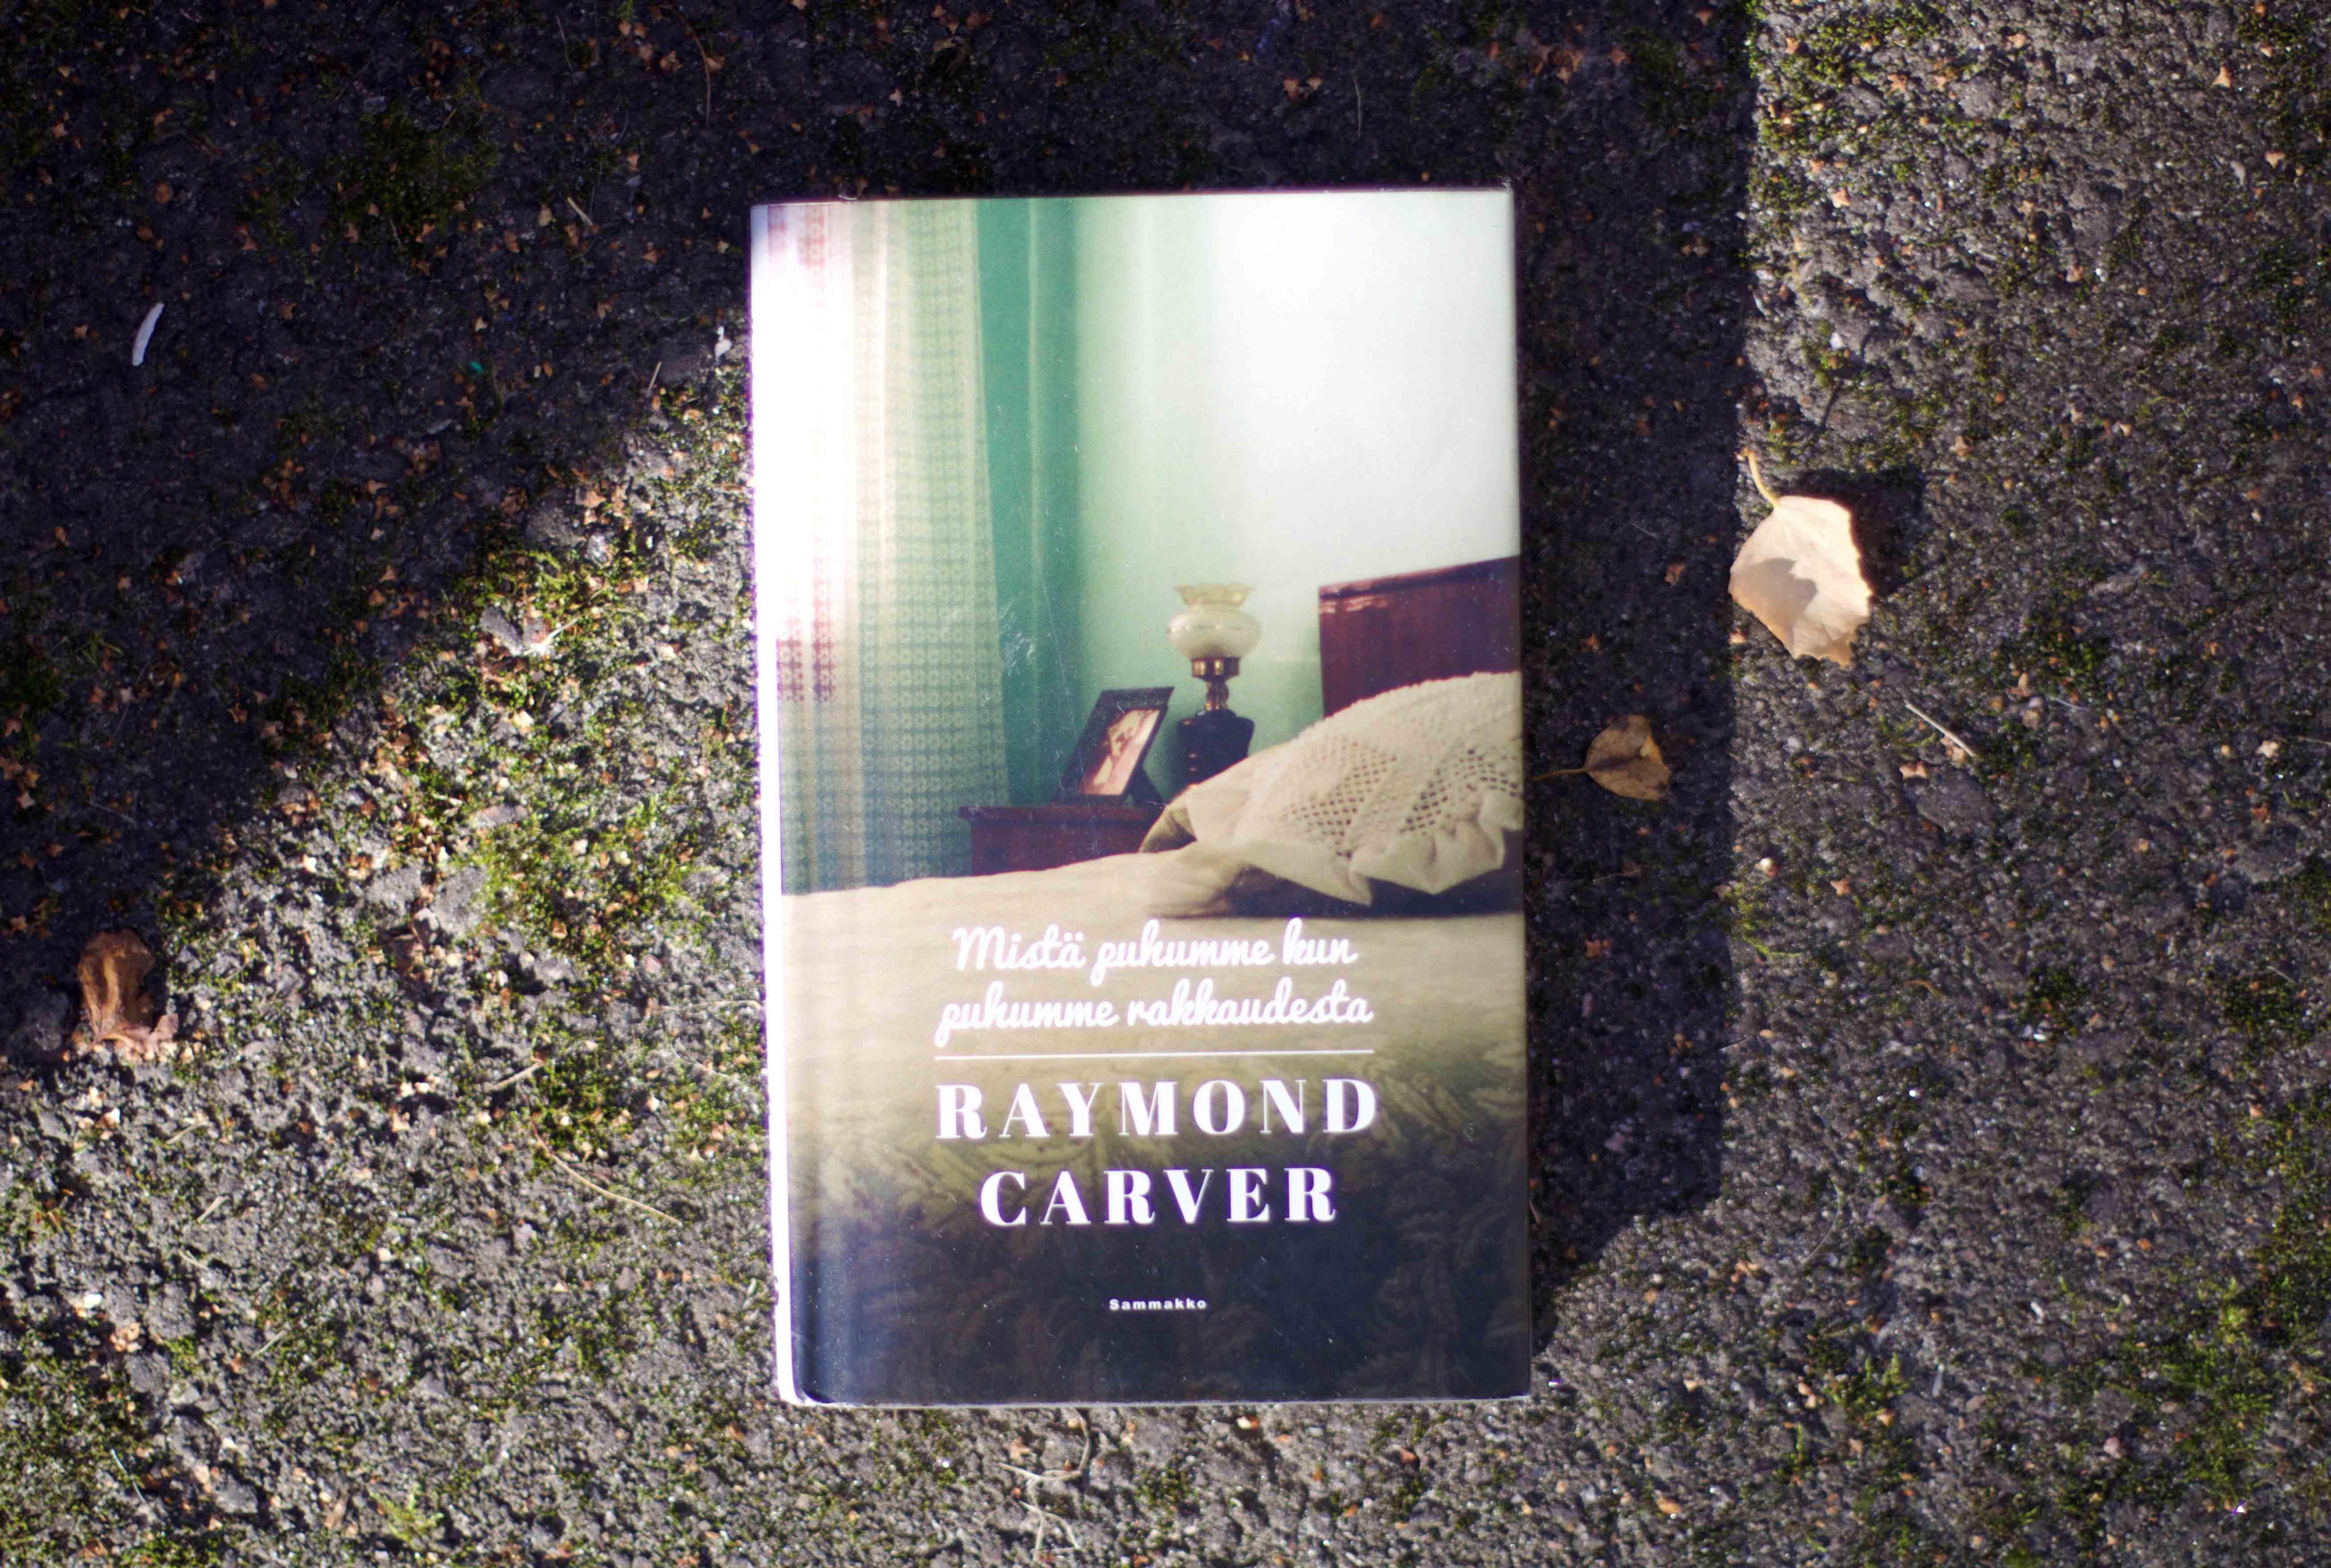 raymond carver mistä puhumme kun puhumme rakkaudesta